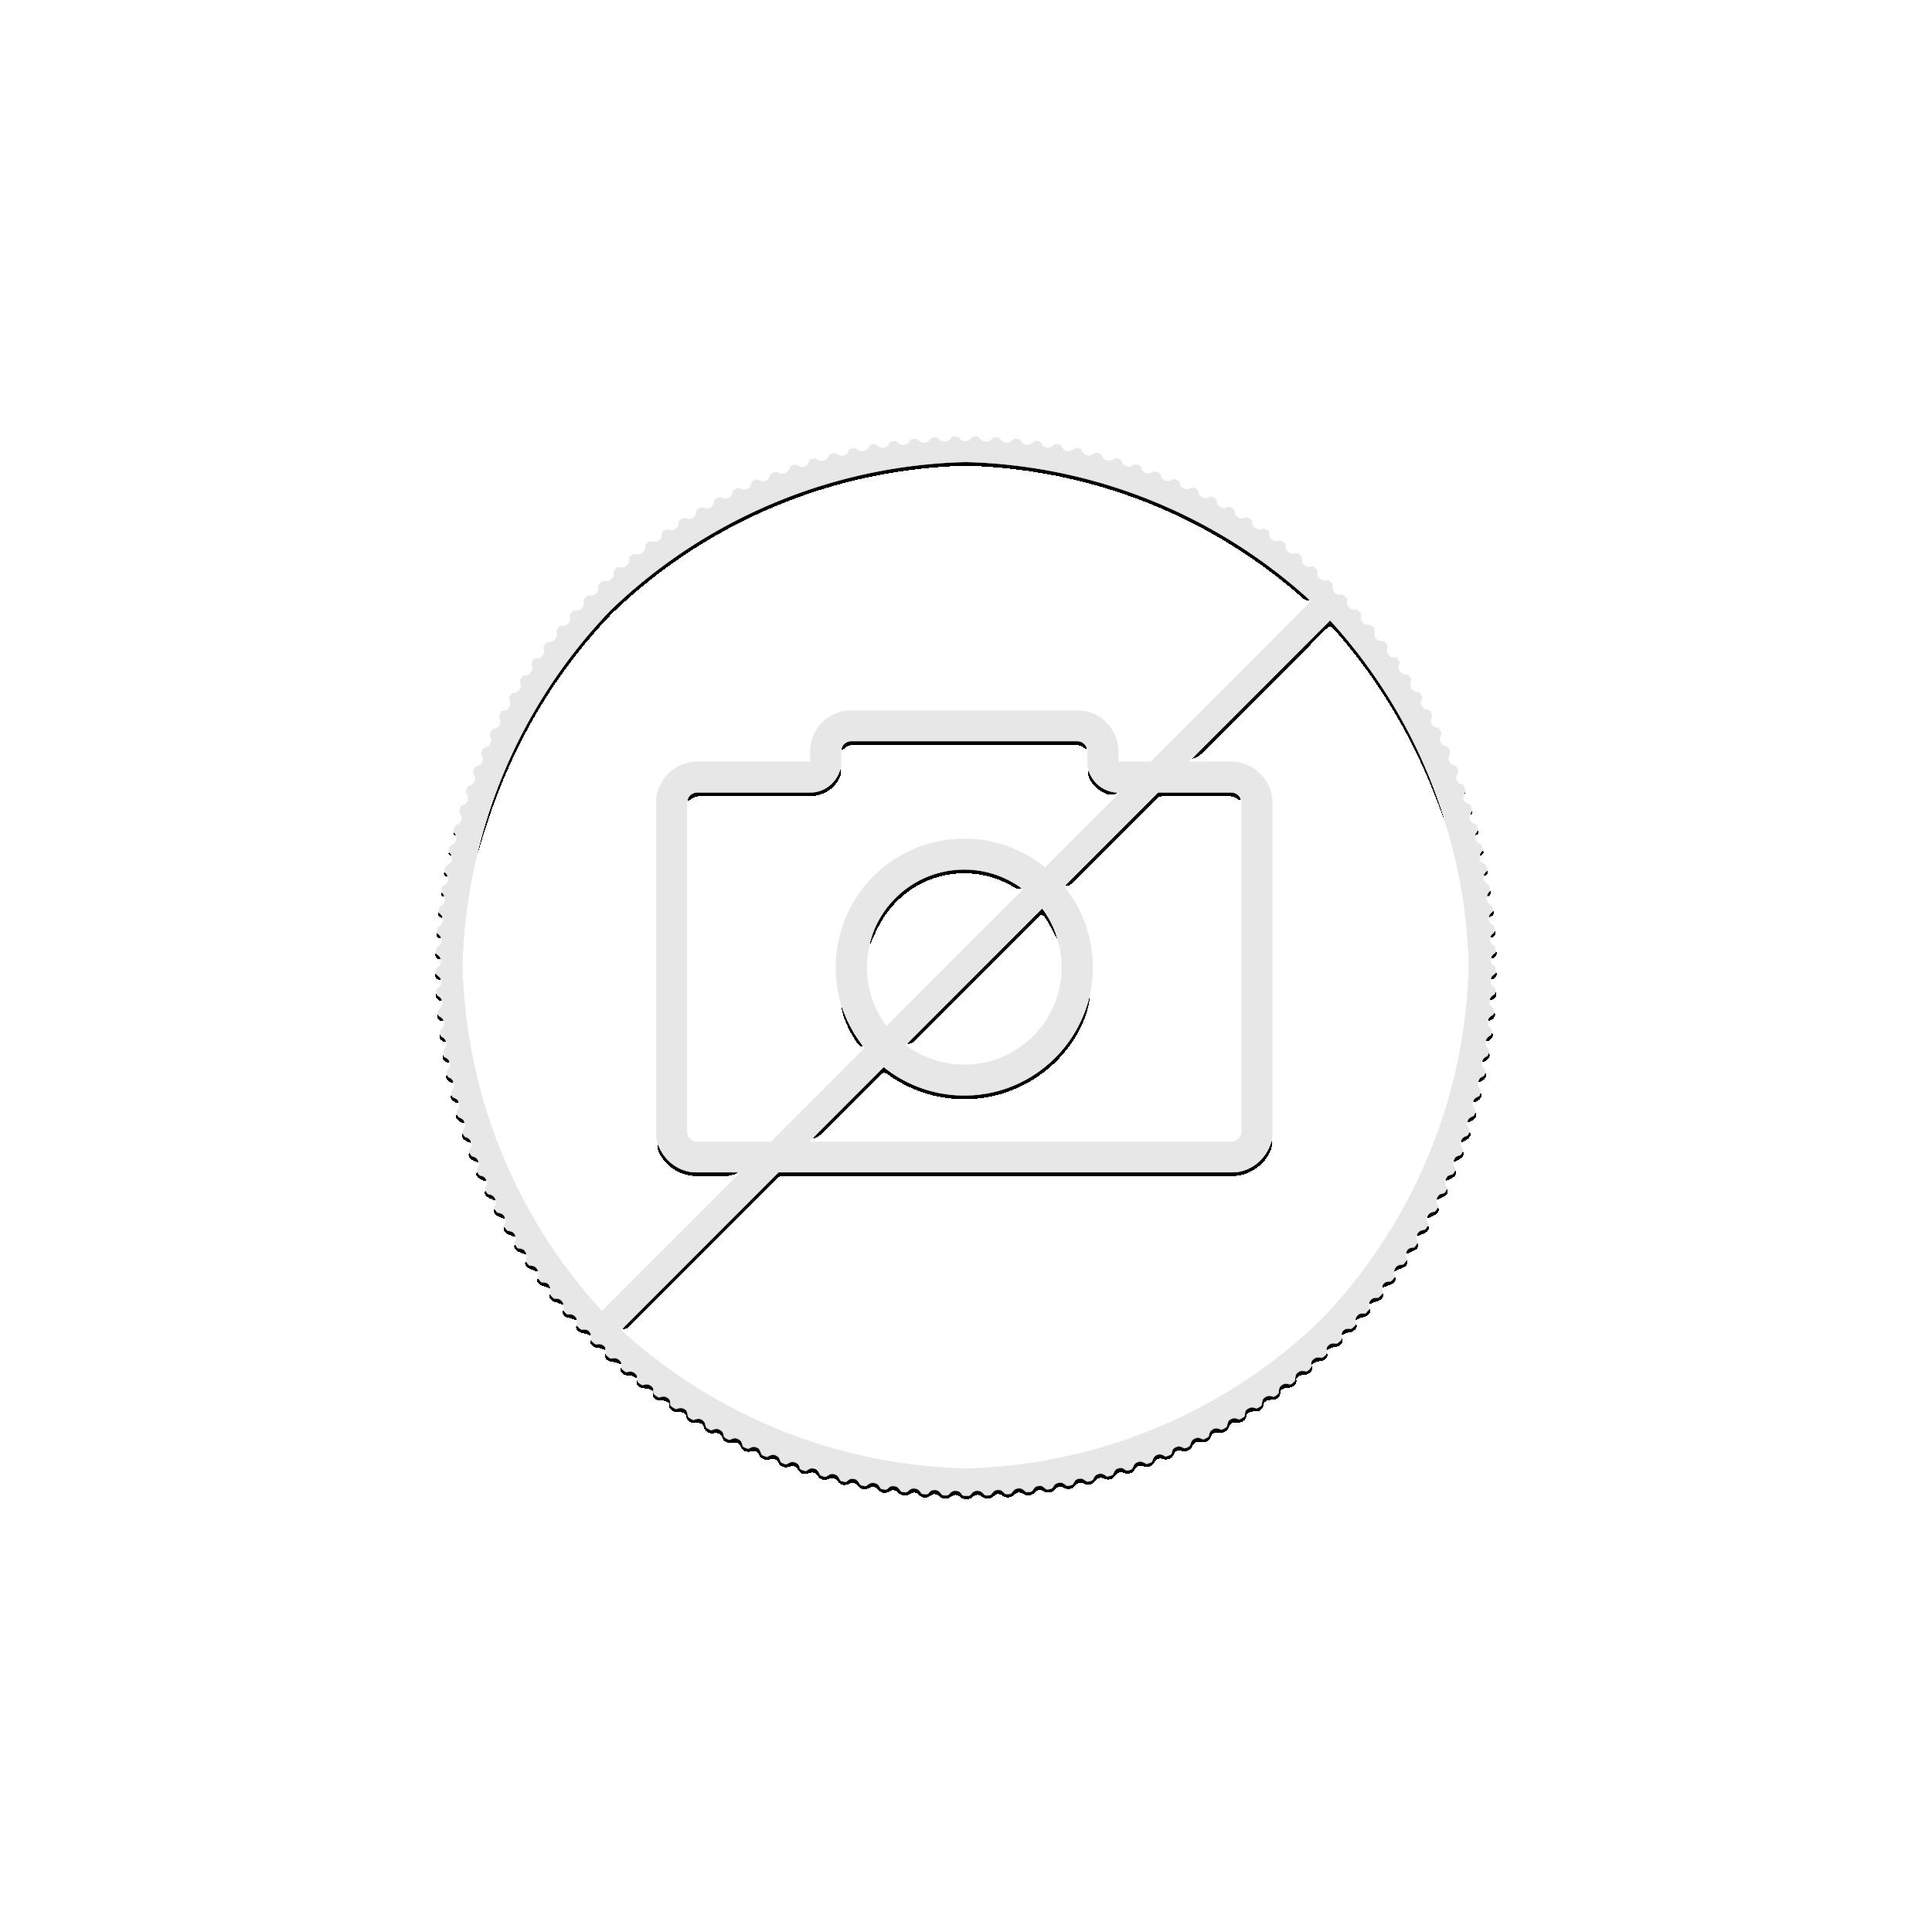 1 Troy ounce silver coin Somalia Elephant 2009